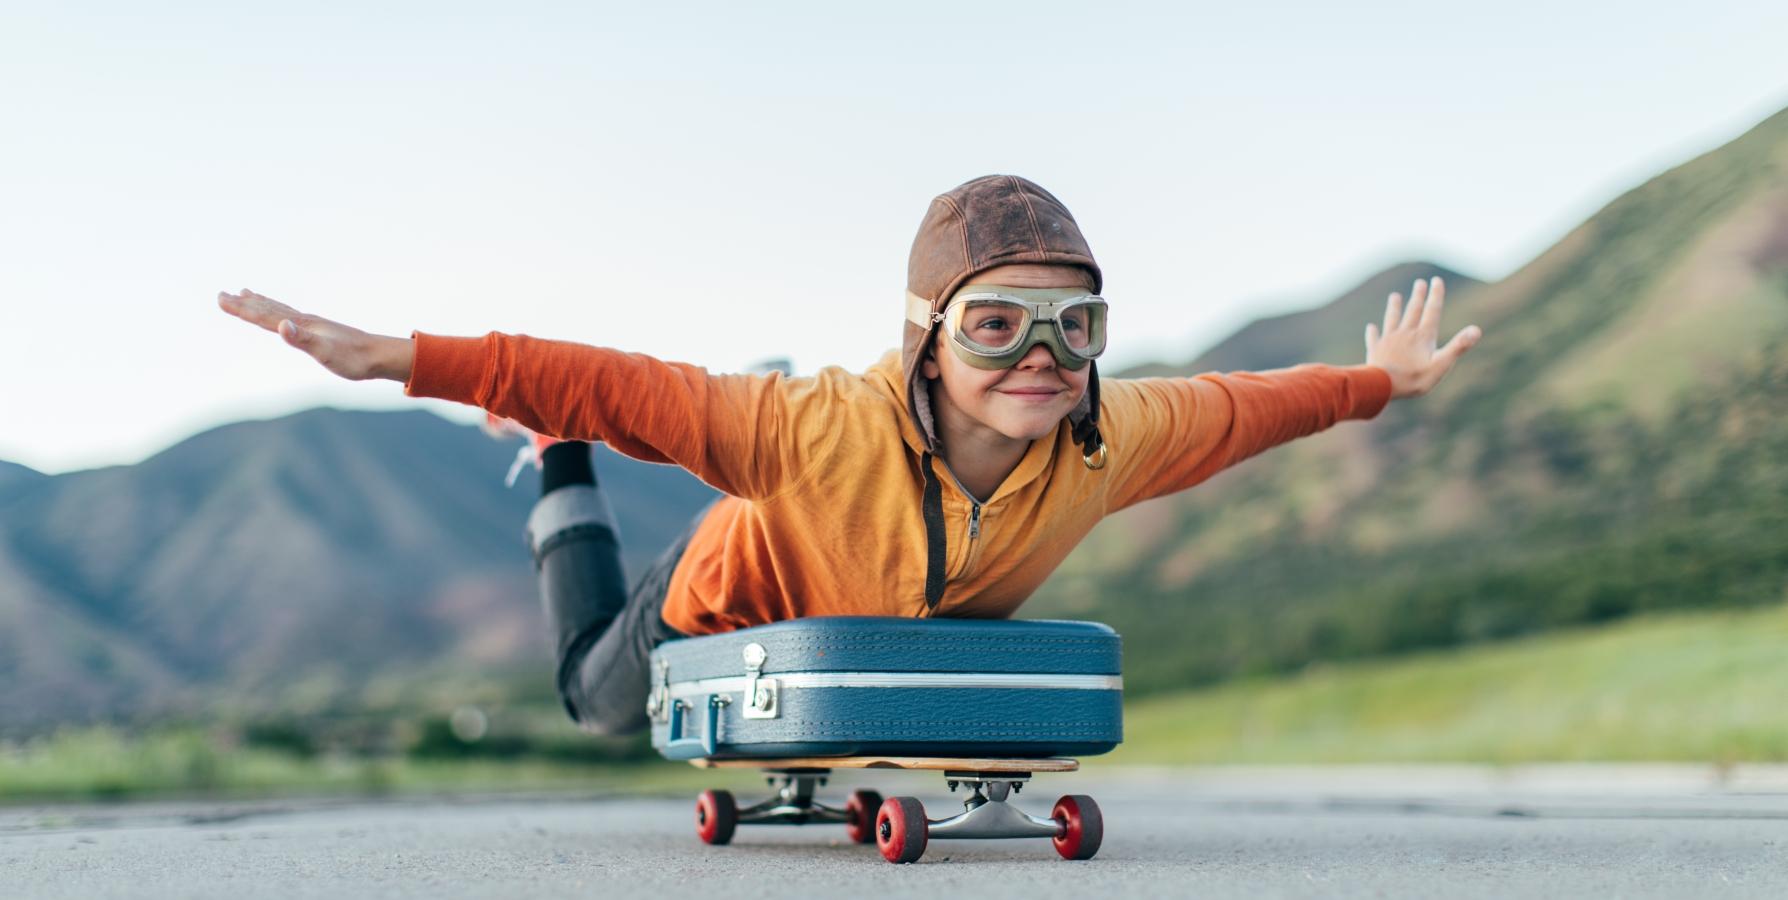 Bilde av gutt som ligg på ein koffert på eit rullebrett